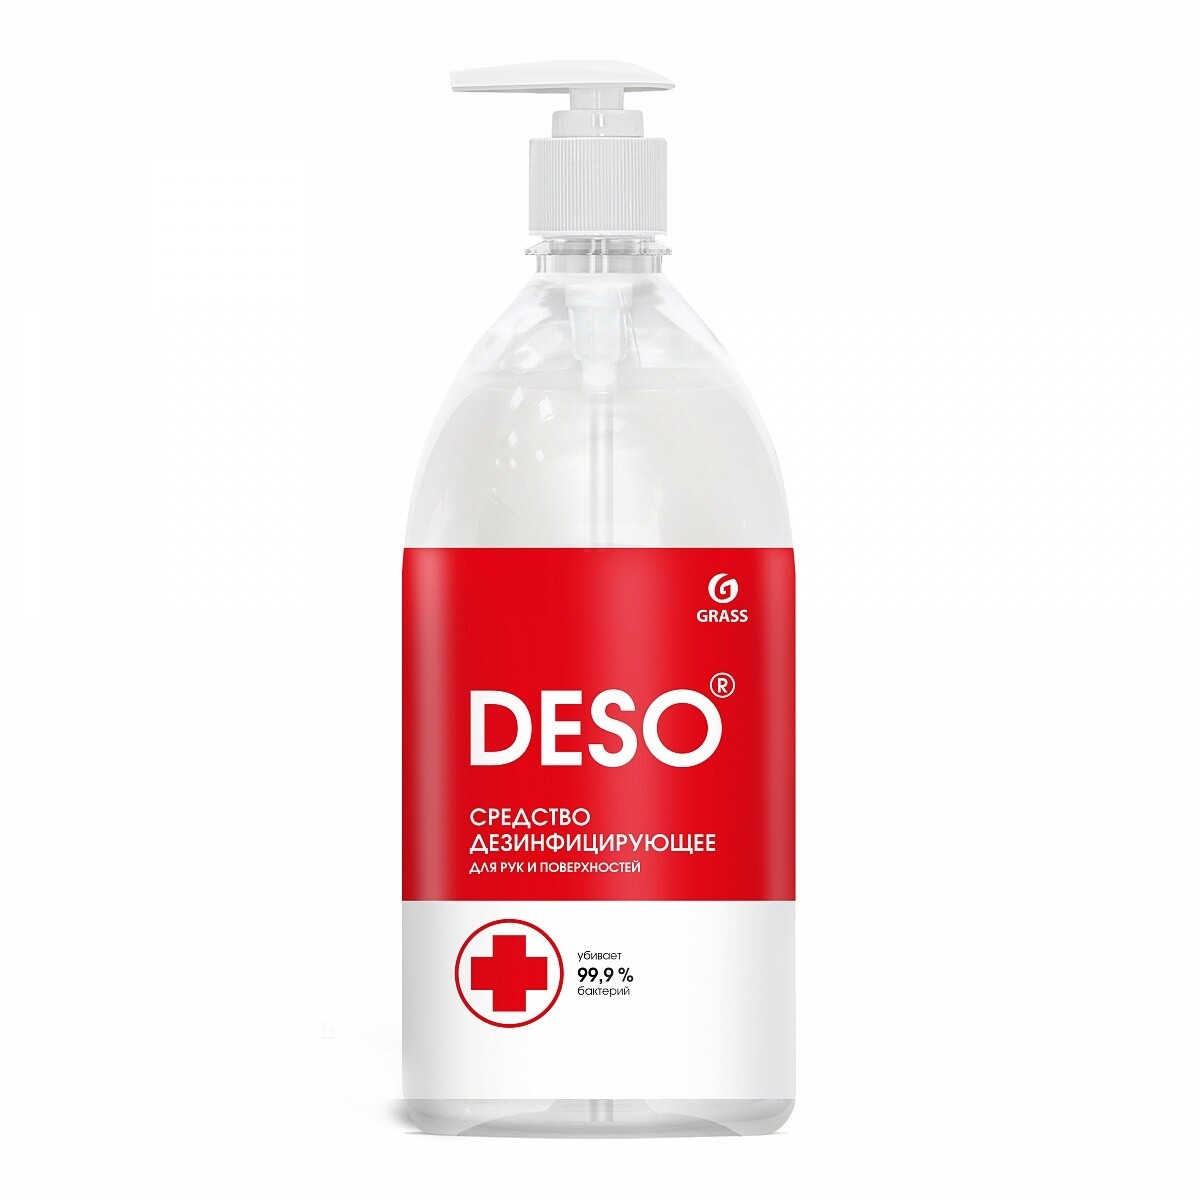 Дезинфицирующее средство DESO для рук и поверхностей, без спирта, 1 л